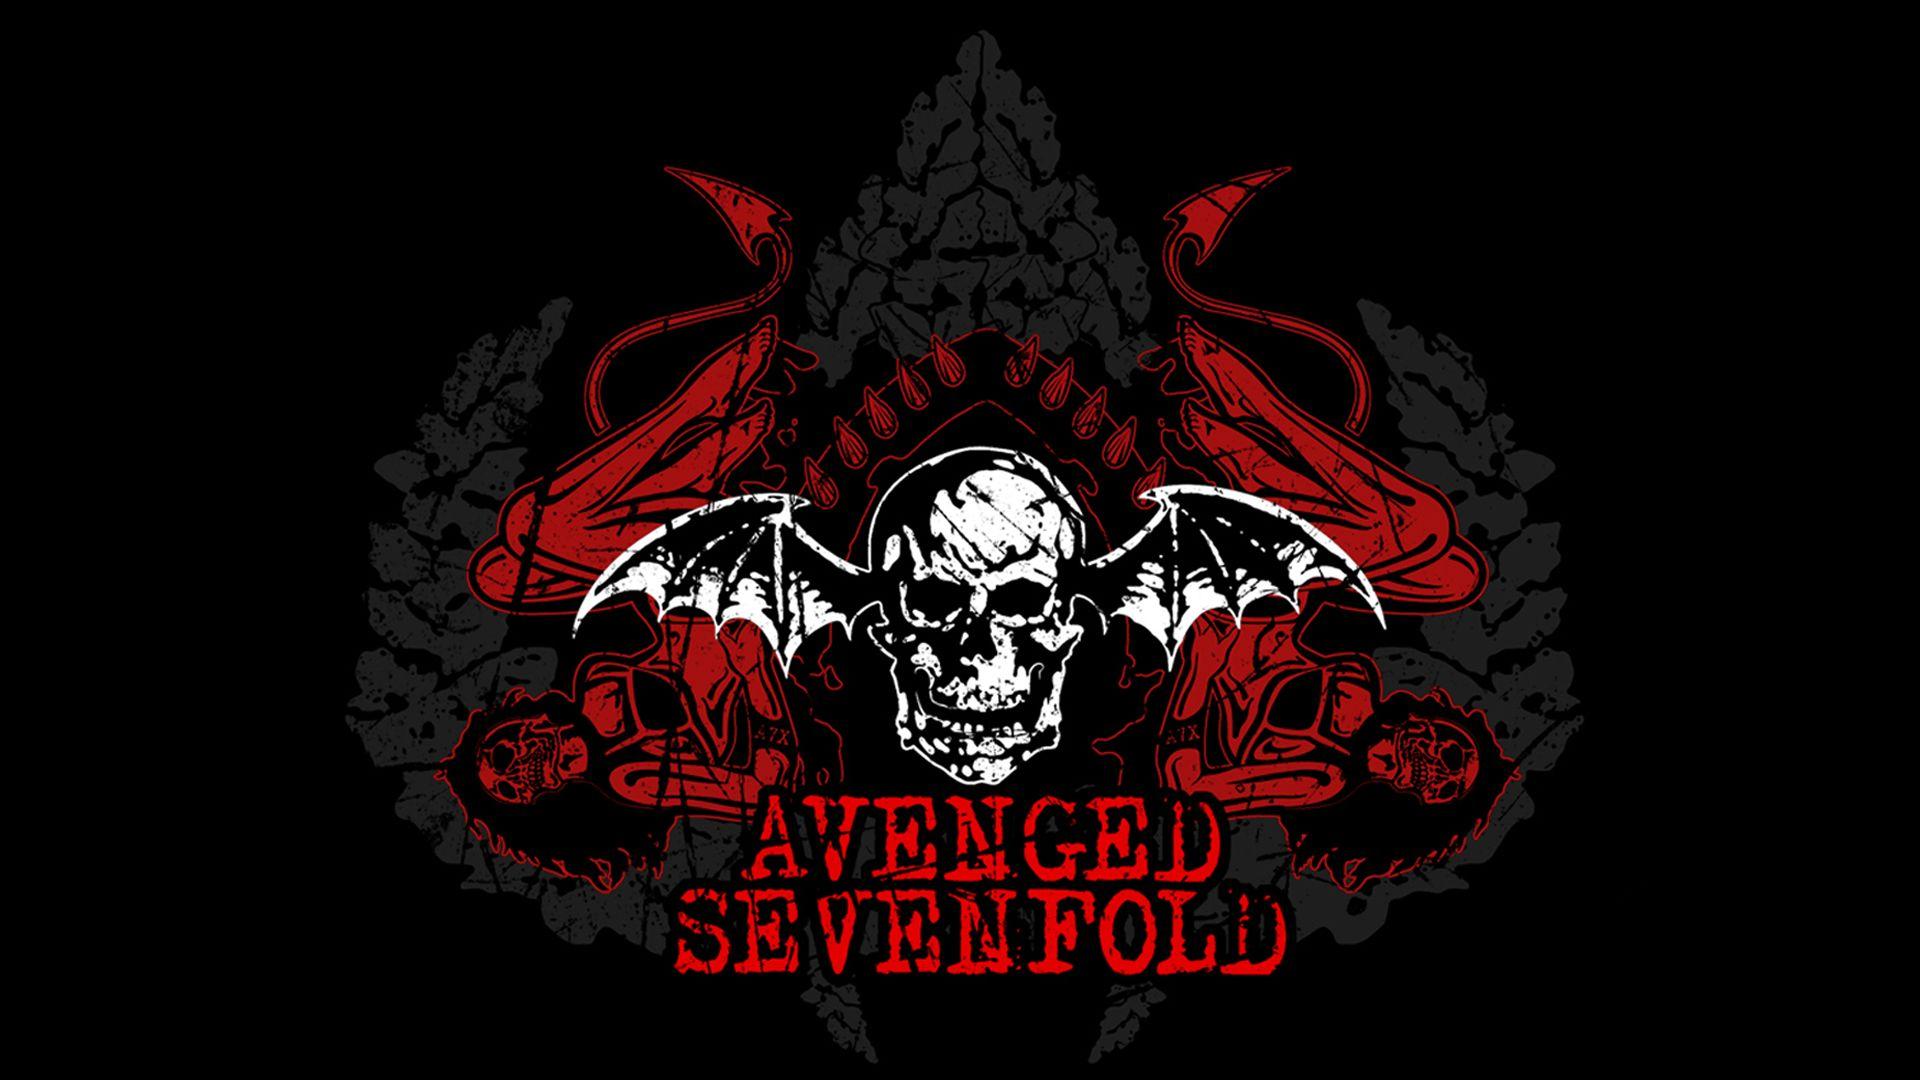 Avenged Sevenfold Wallpaper 22477 1920x1080 Px Hdwallsource Com Avenged Sevenfold Wallpapers Avenged Sevenfold Avenged Sevenfold Logo